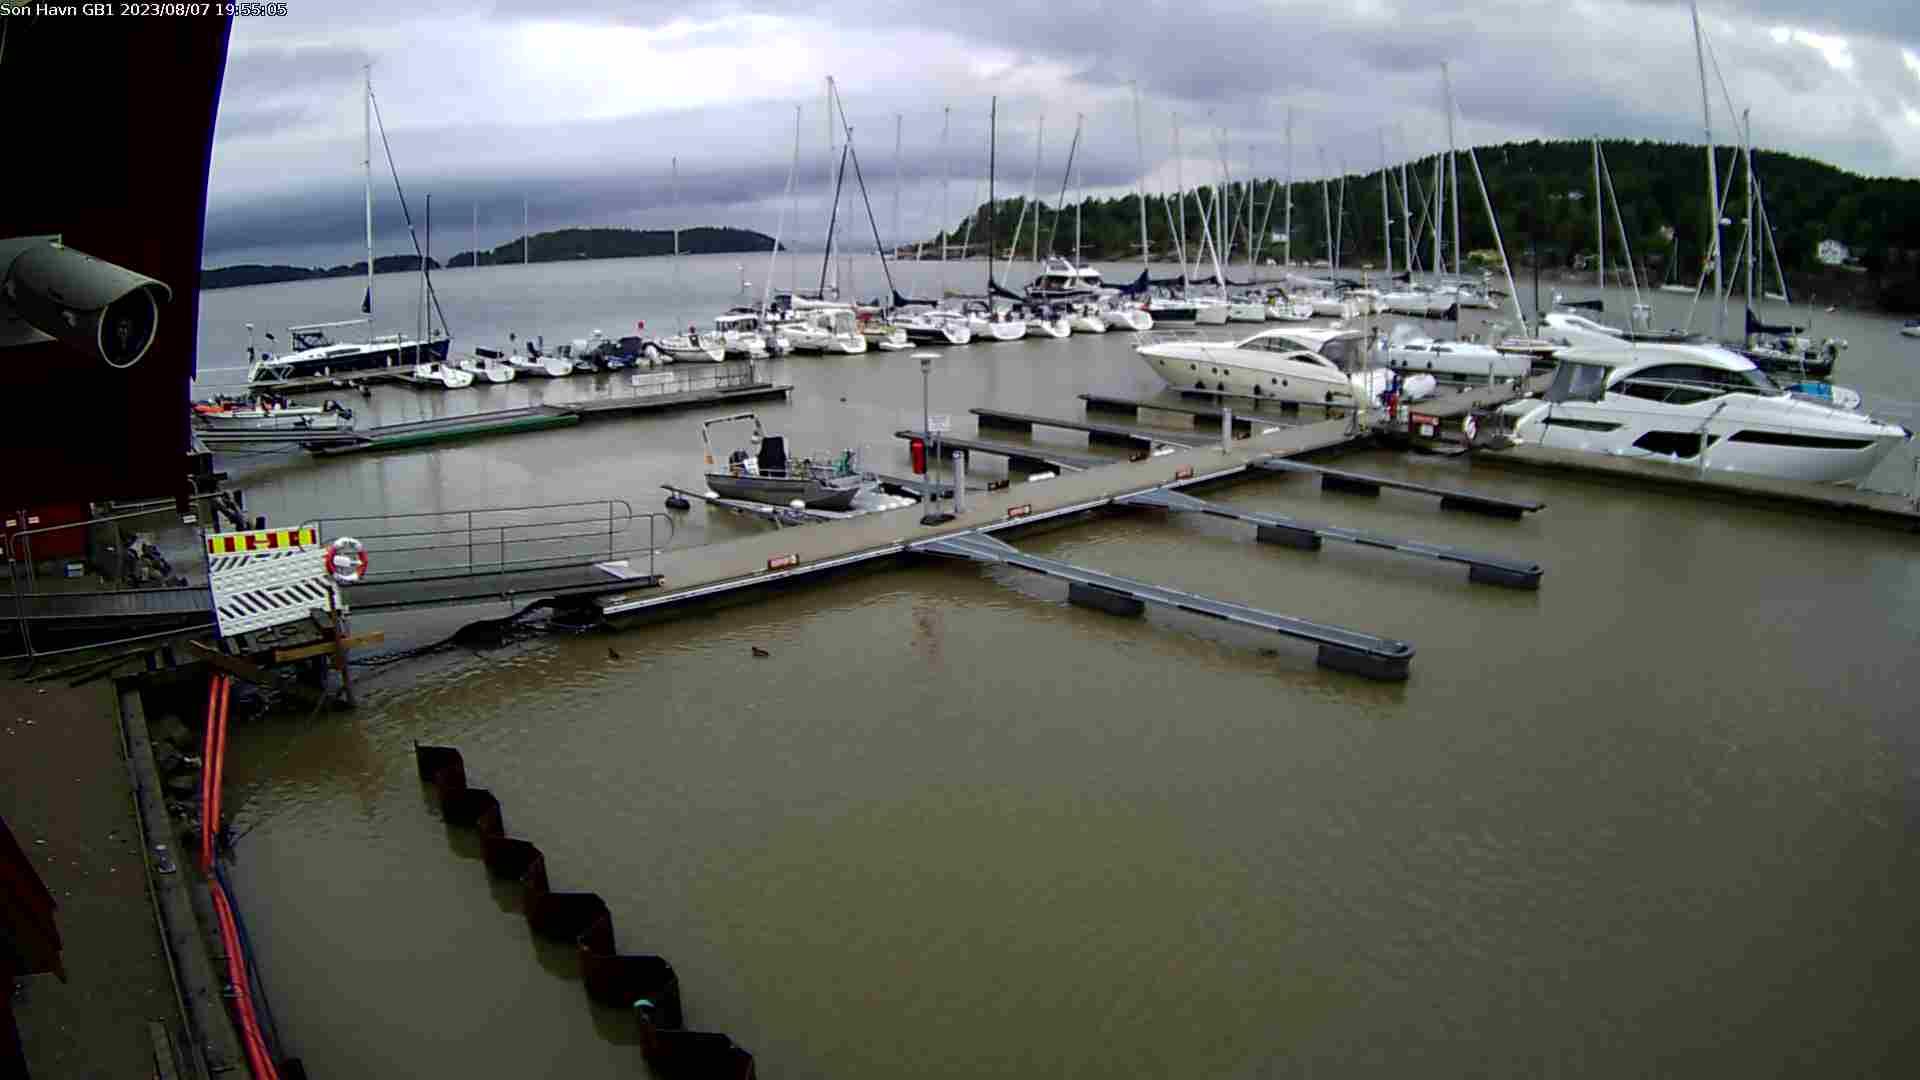 Son Gjestehavn - Utsikt mot syd over bølgebryter